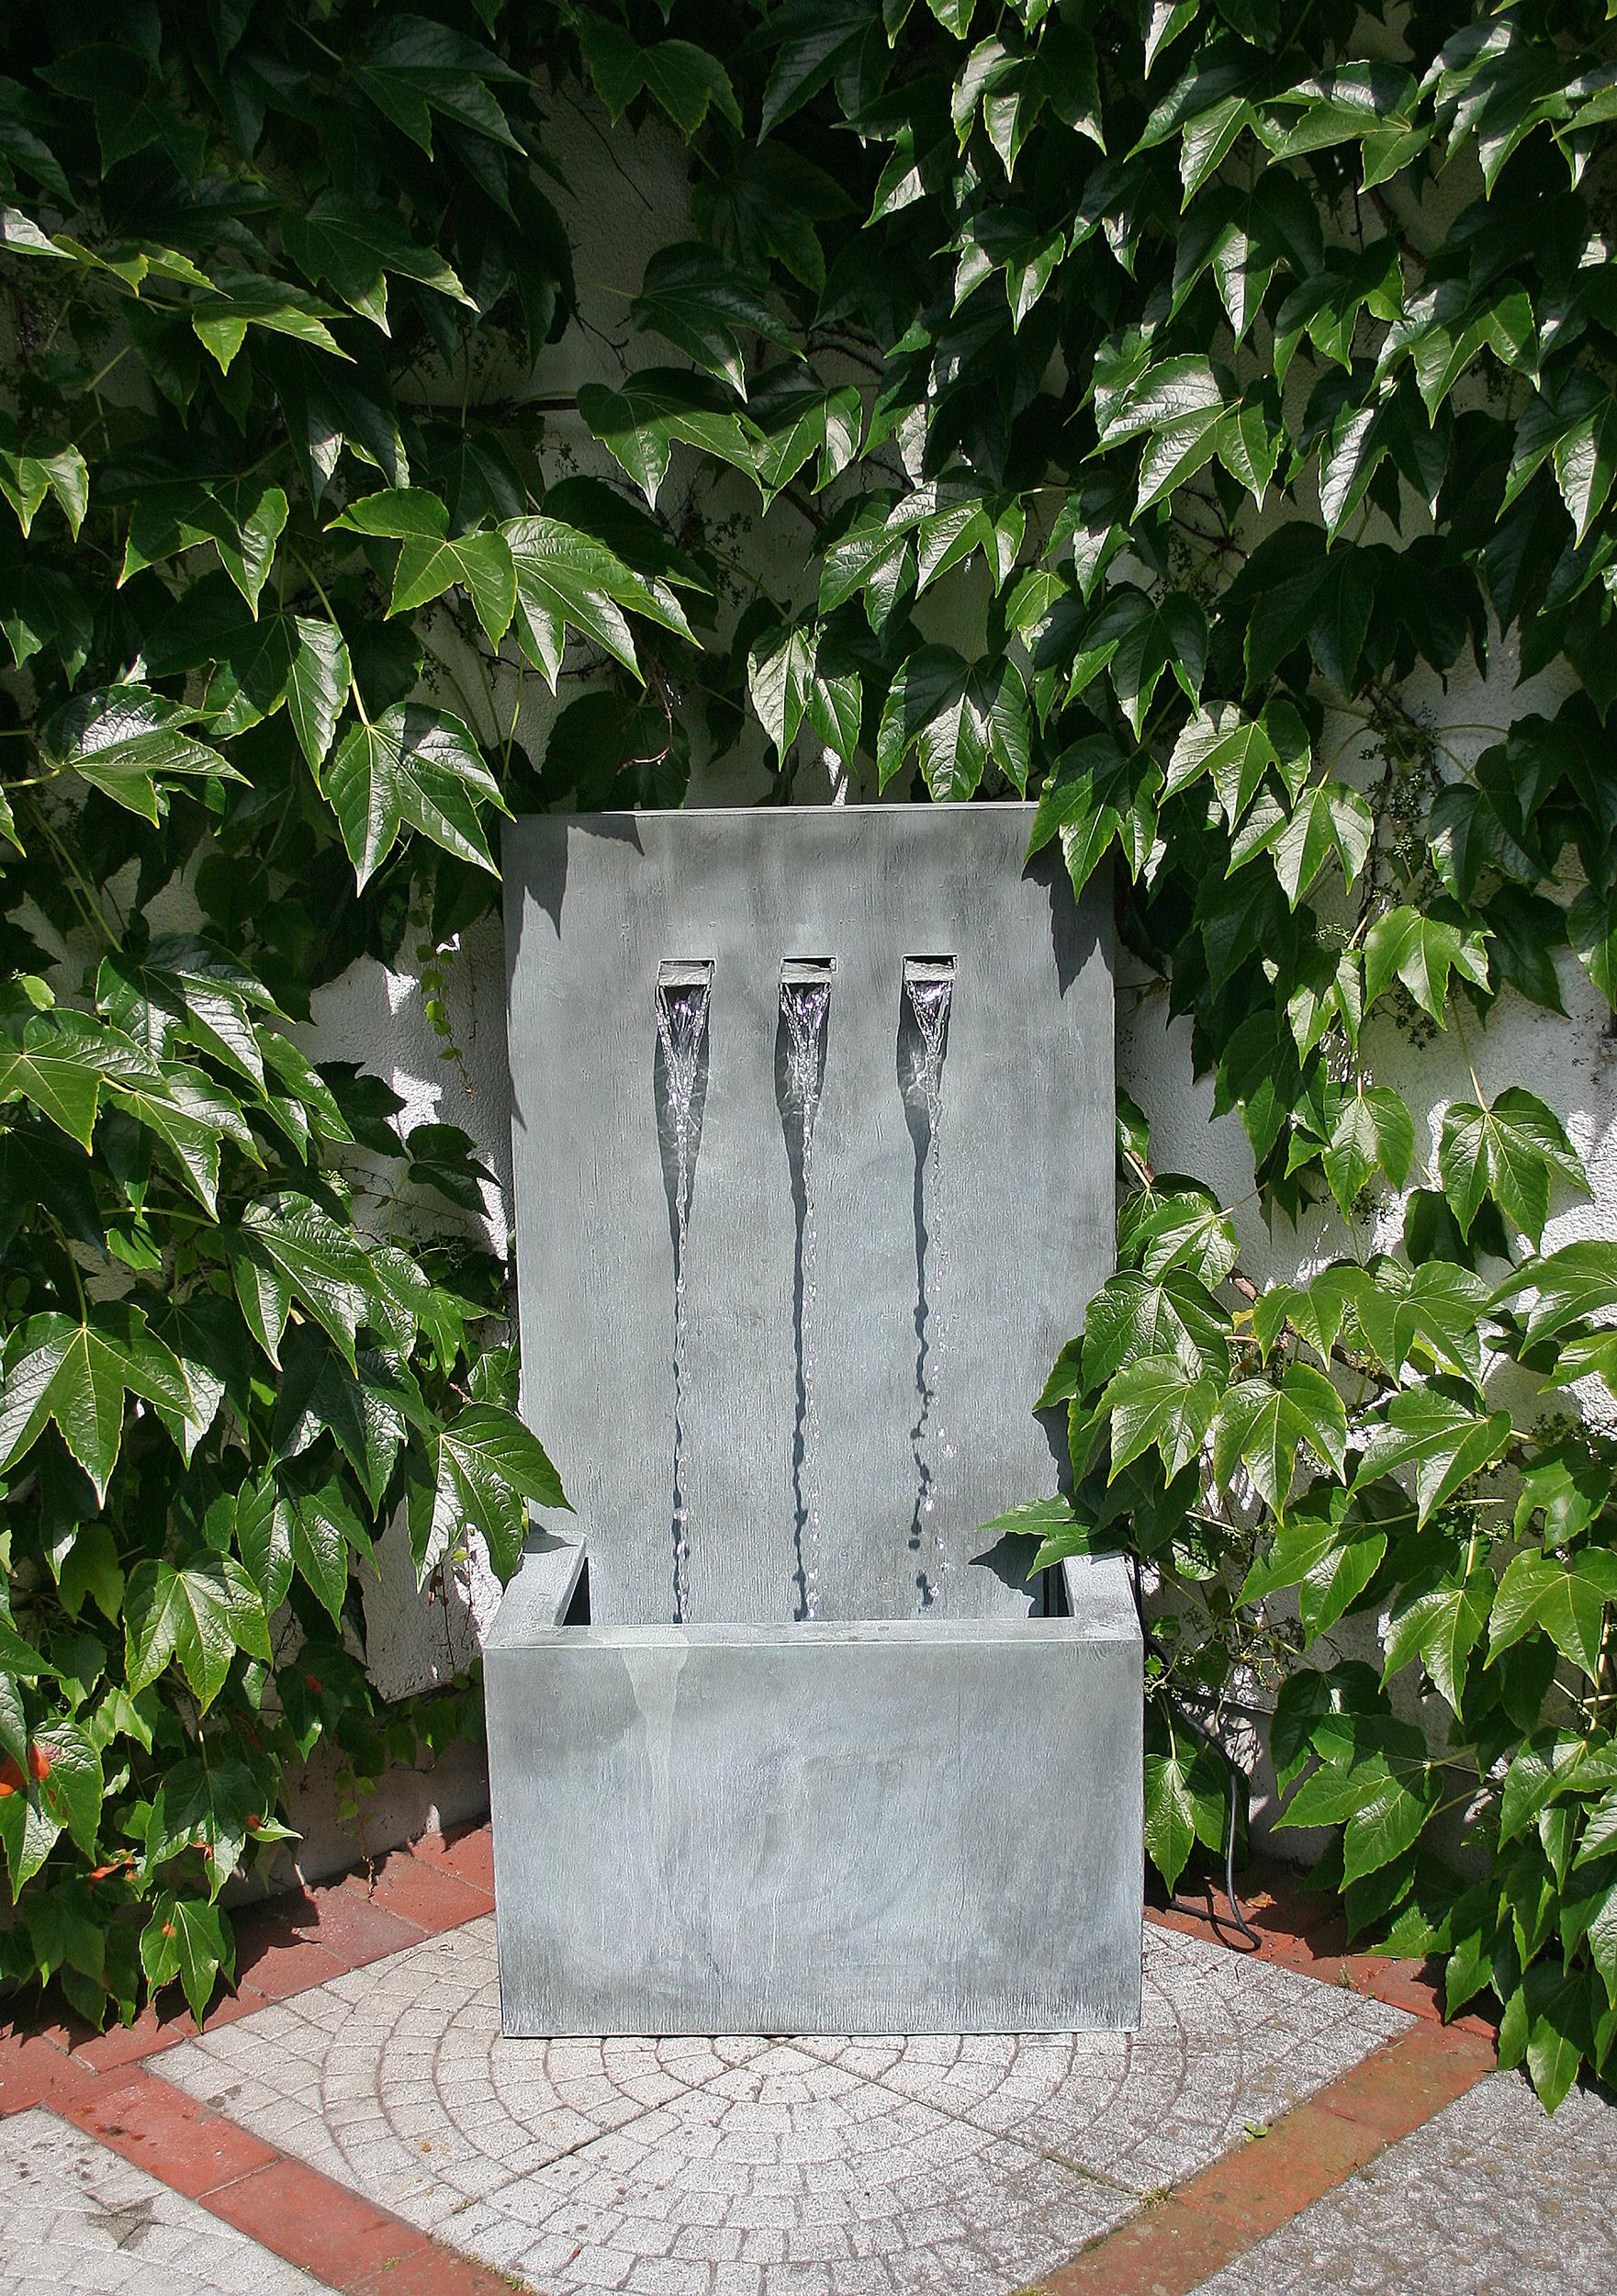 3524 slink wandbrunnen wasserfall wand zinkart wall 3 3. Black Bedroom Furniture Sets. Home Design Ideas